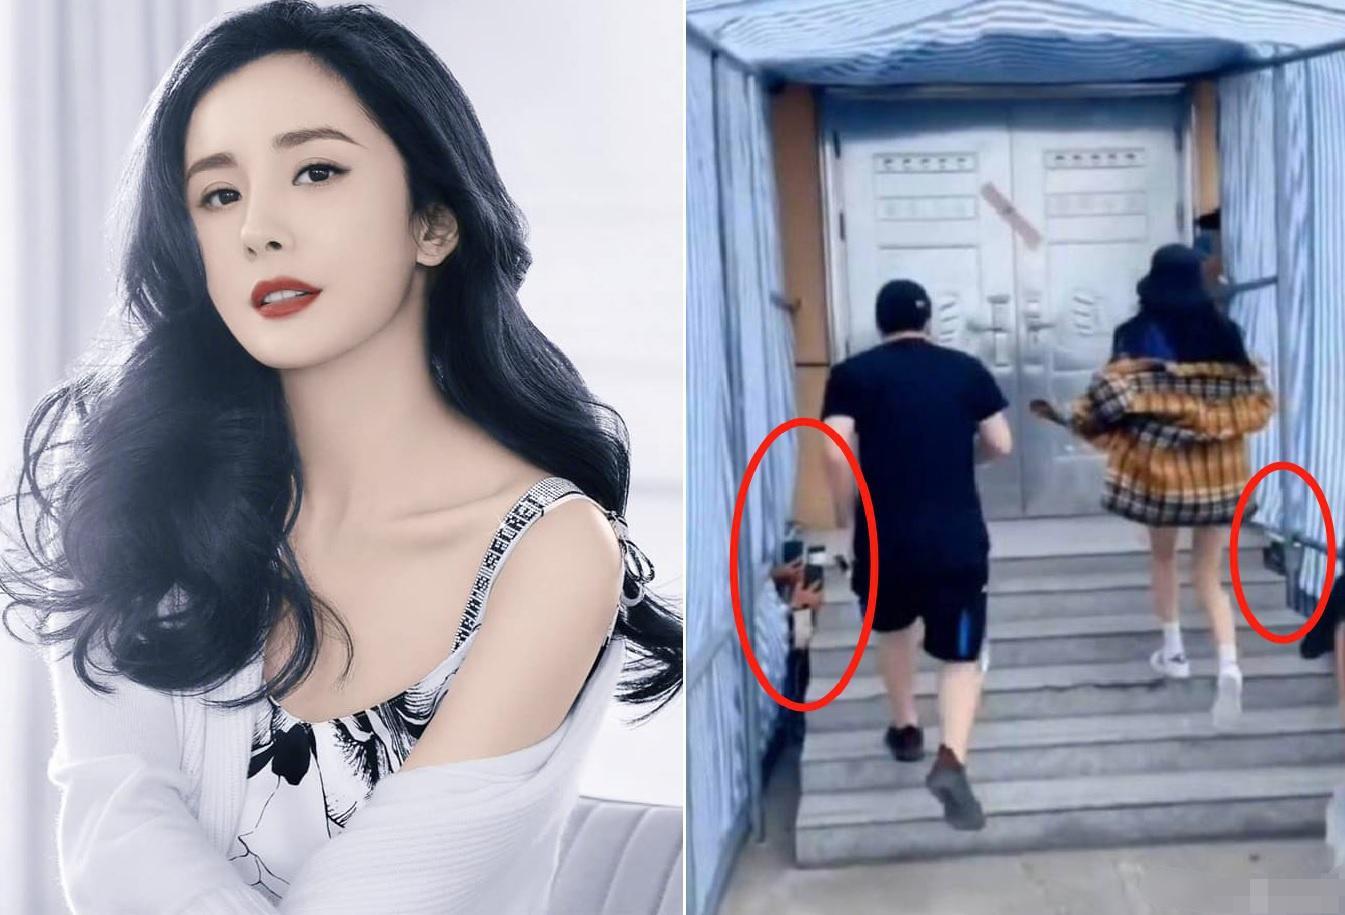 Trương Hàm Vận cầu xin paparazzi không chụp ảnh nhạy cảm Ảnh 3